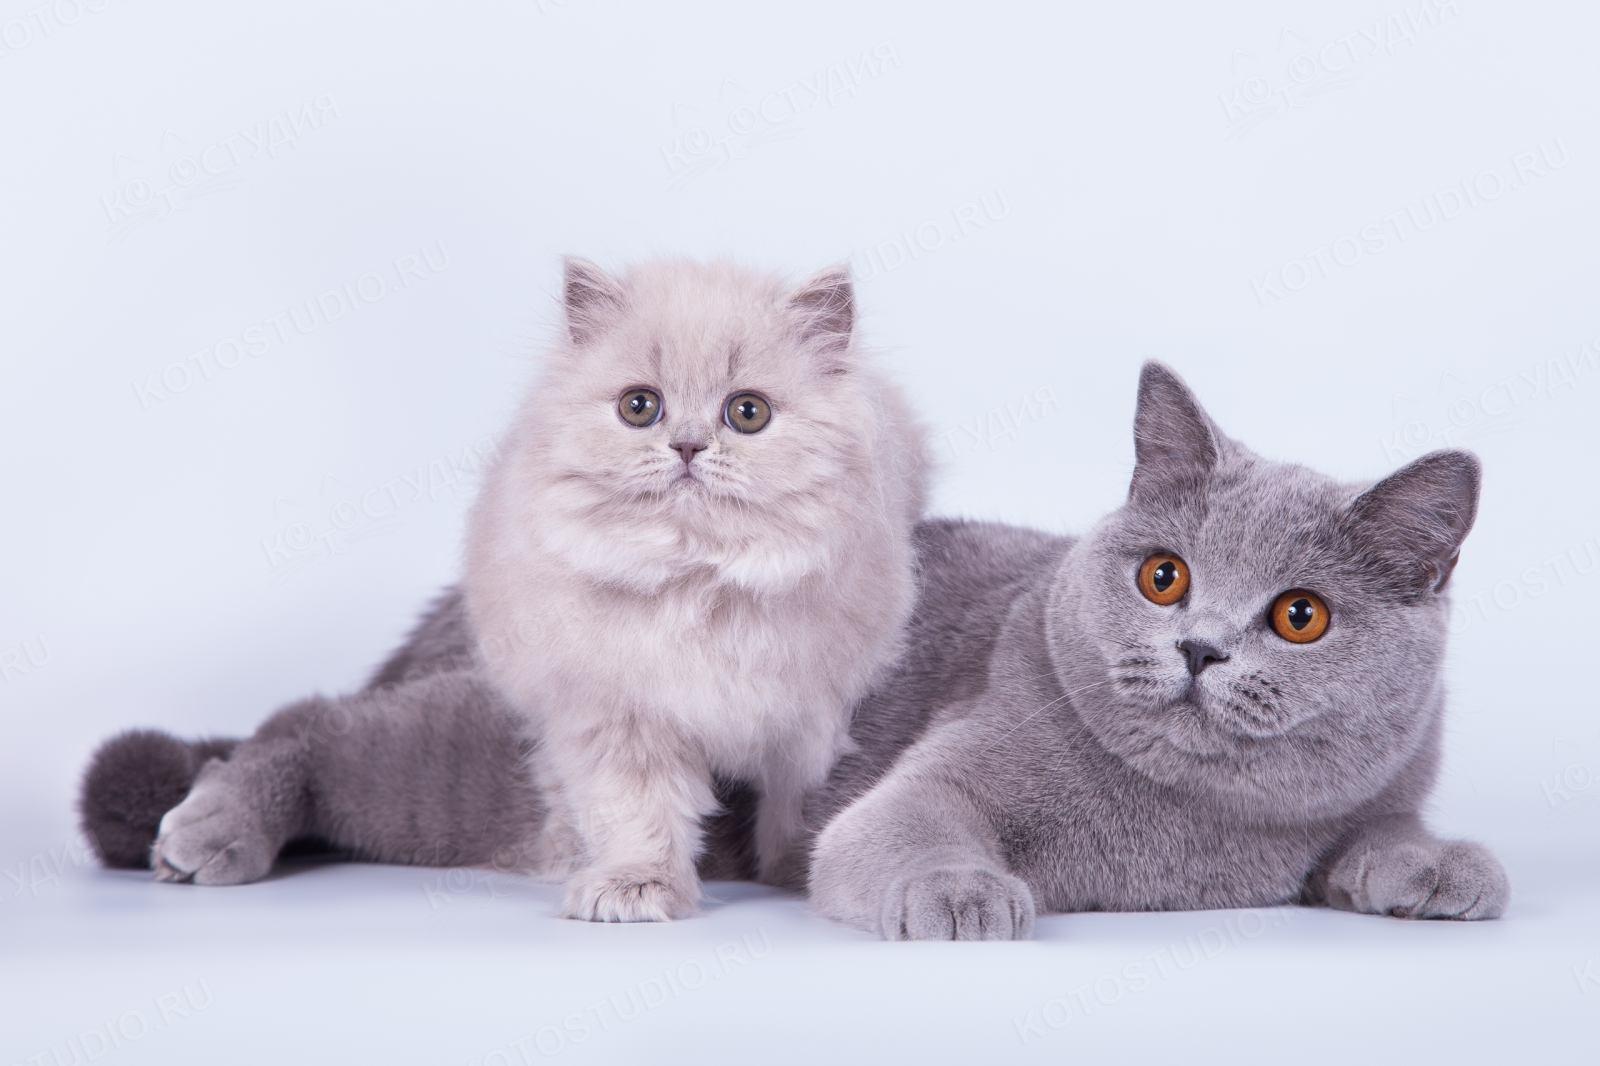 картинки британских кошек и котят короткошерстных число